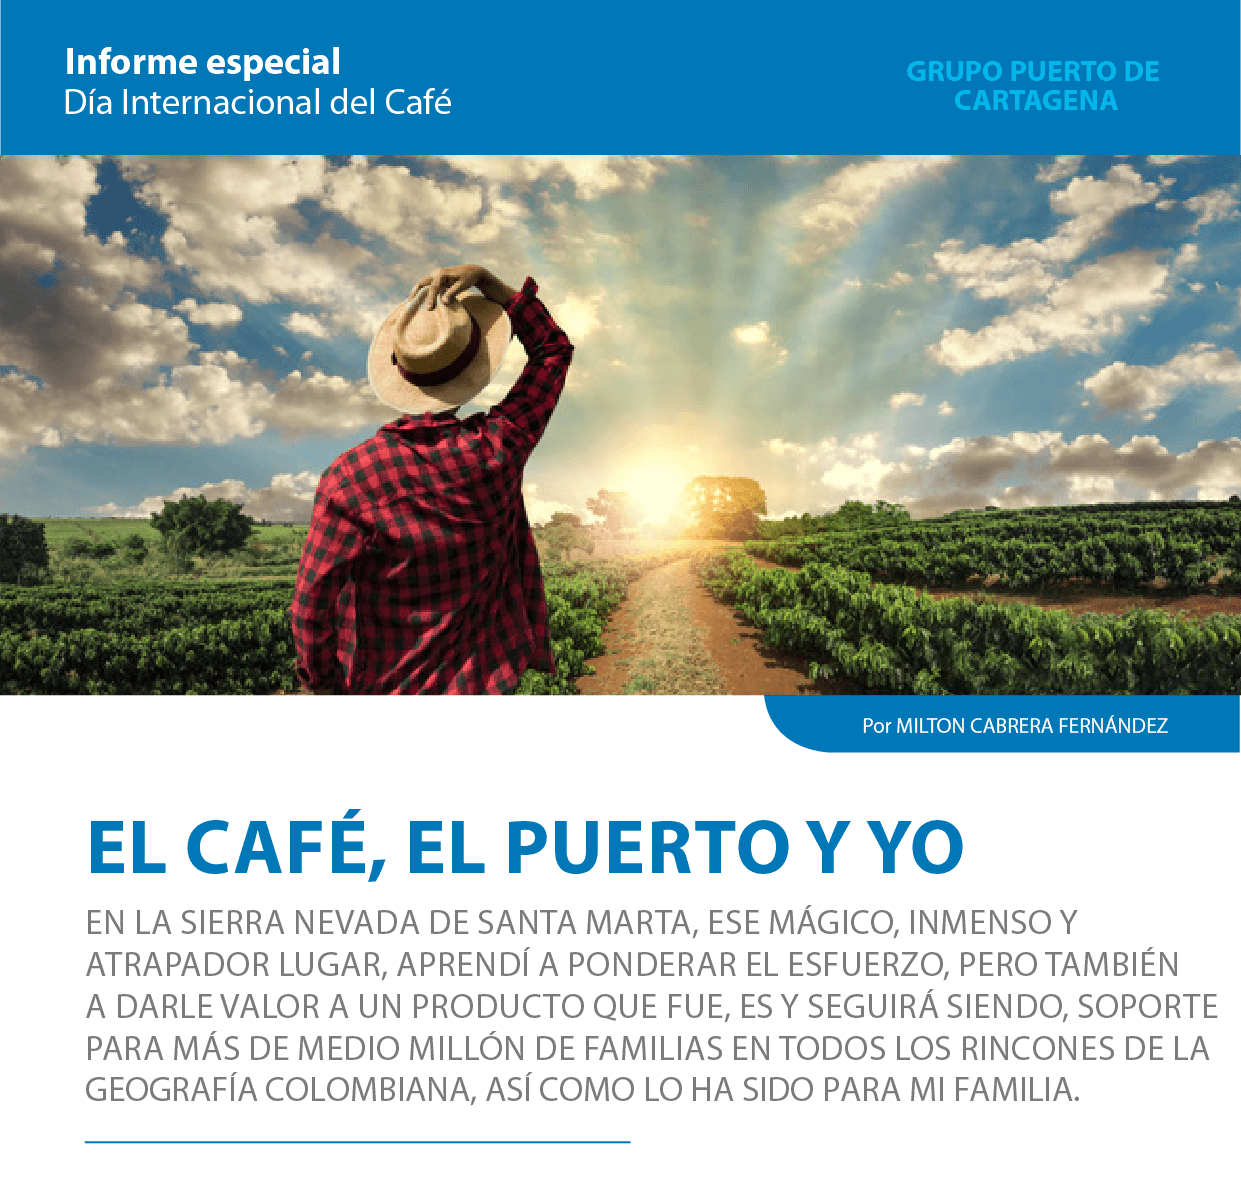 El-cafe-el-Puerto-yo